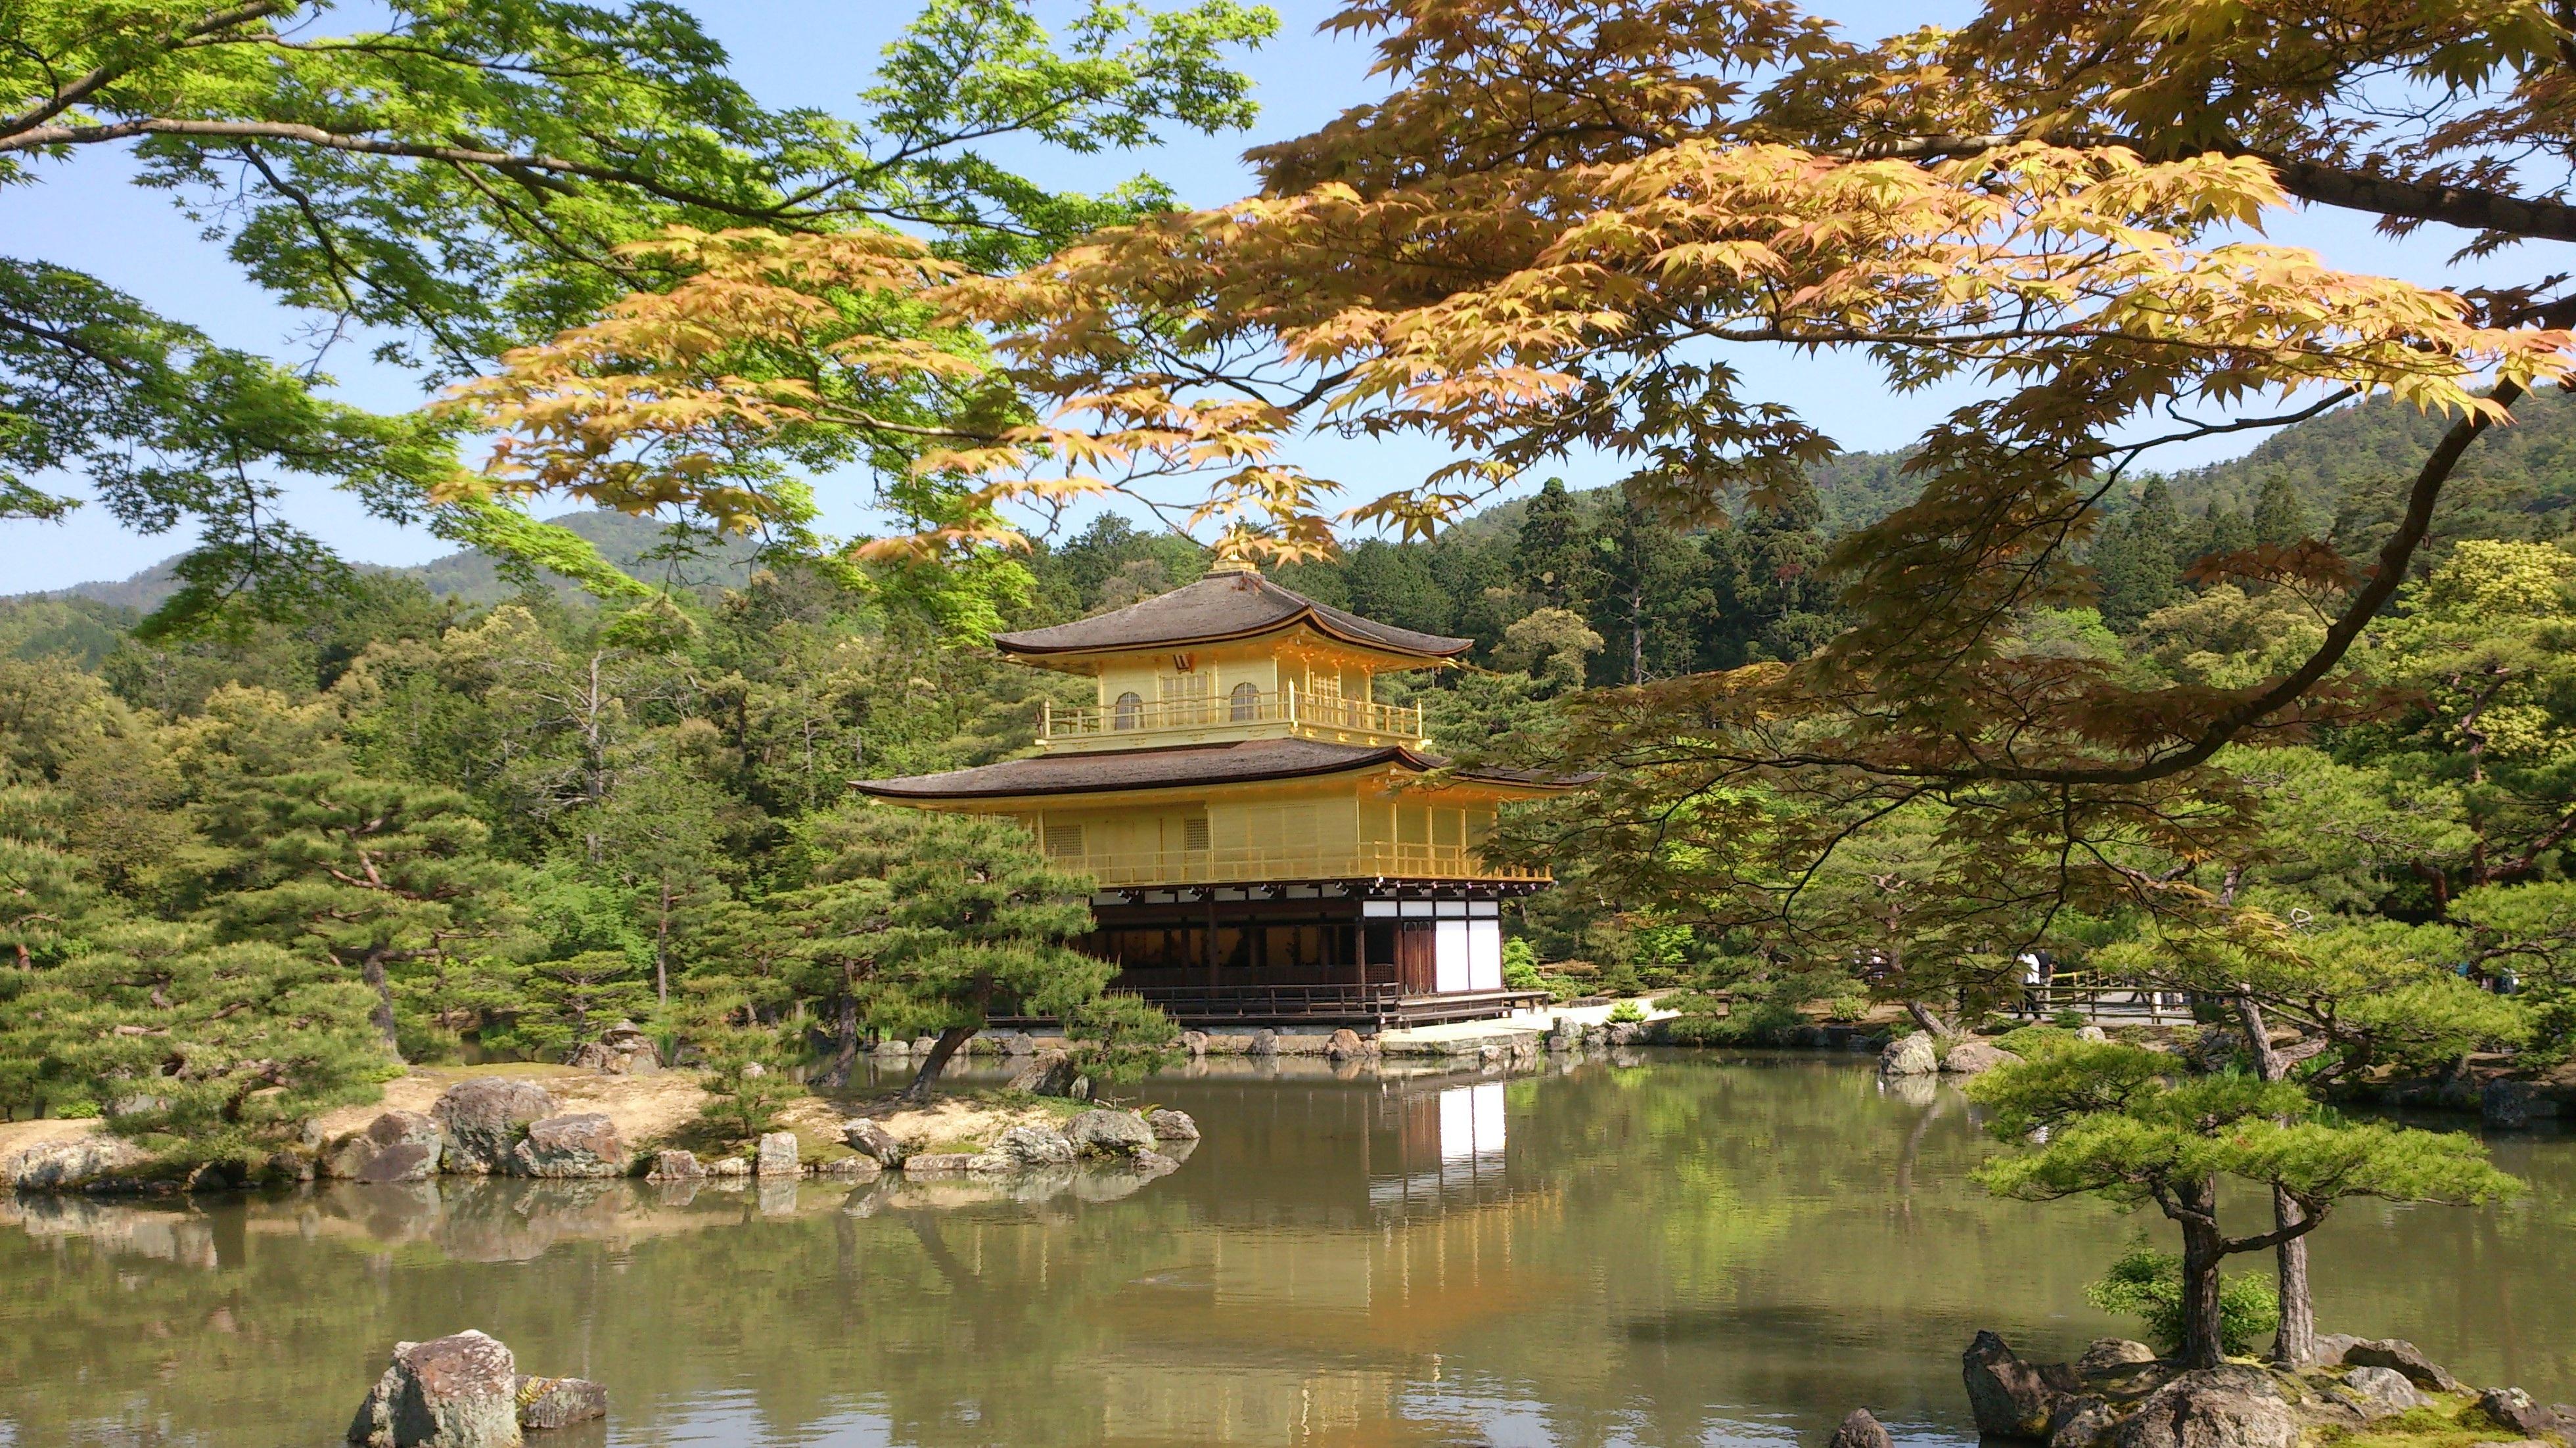 Images Gratuites Arbre Fleur Etang Japon Temple Tombeau